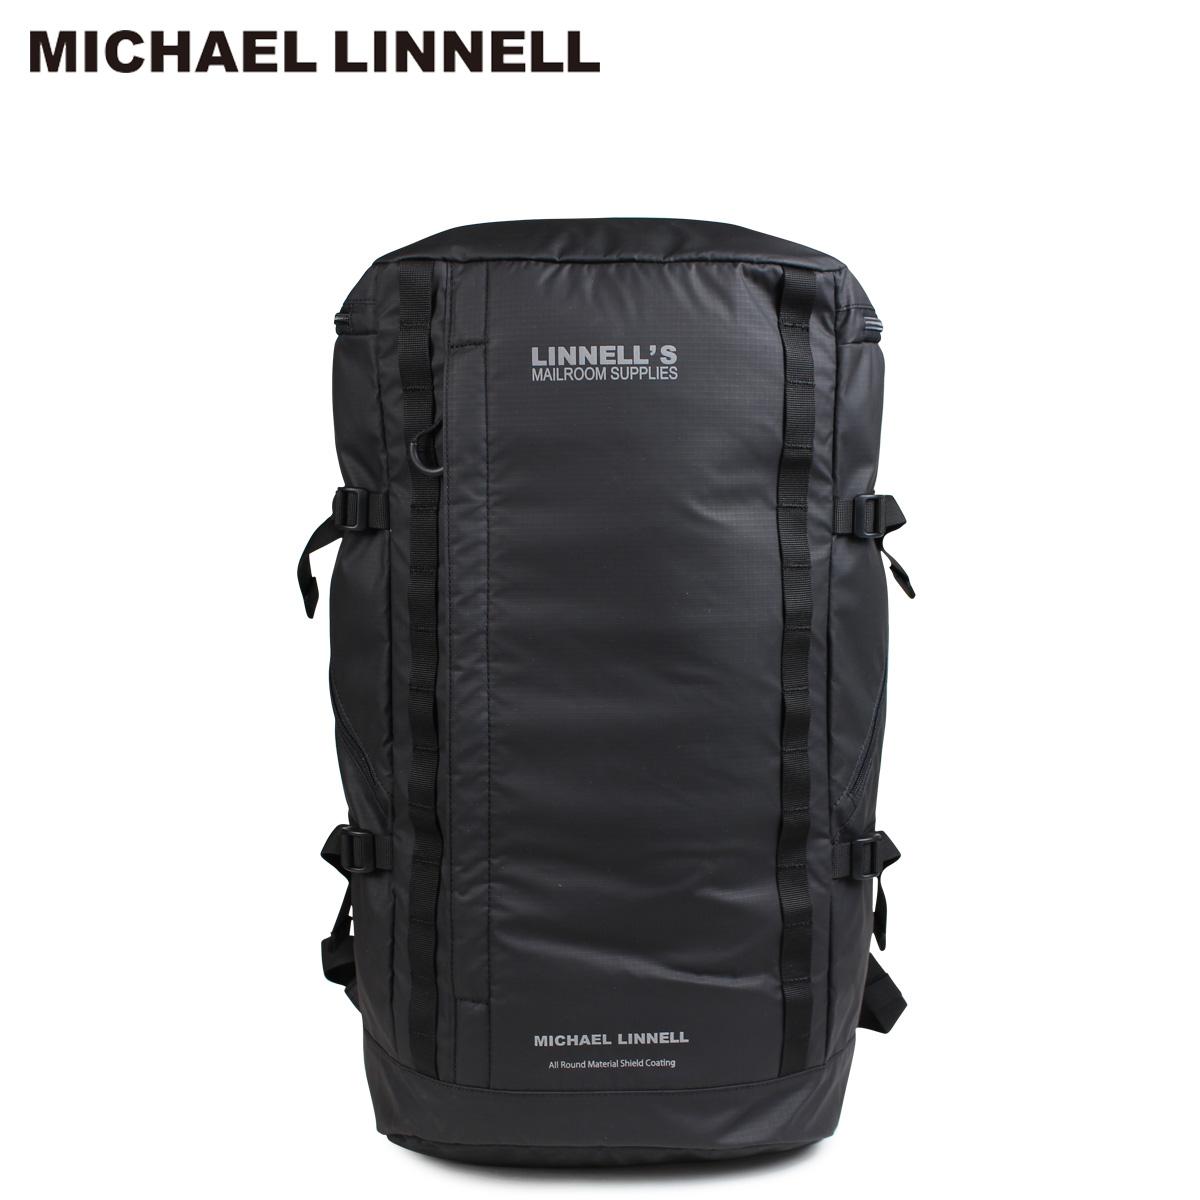 【最大1000円OFFクーポン配布】 MICHAEL LINNELL マイケルリンネル リュック バッグ メンズ レディース バックパック BACKPACK ブラック MLAC-03 [10/22 新入荷]